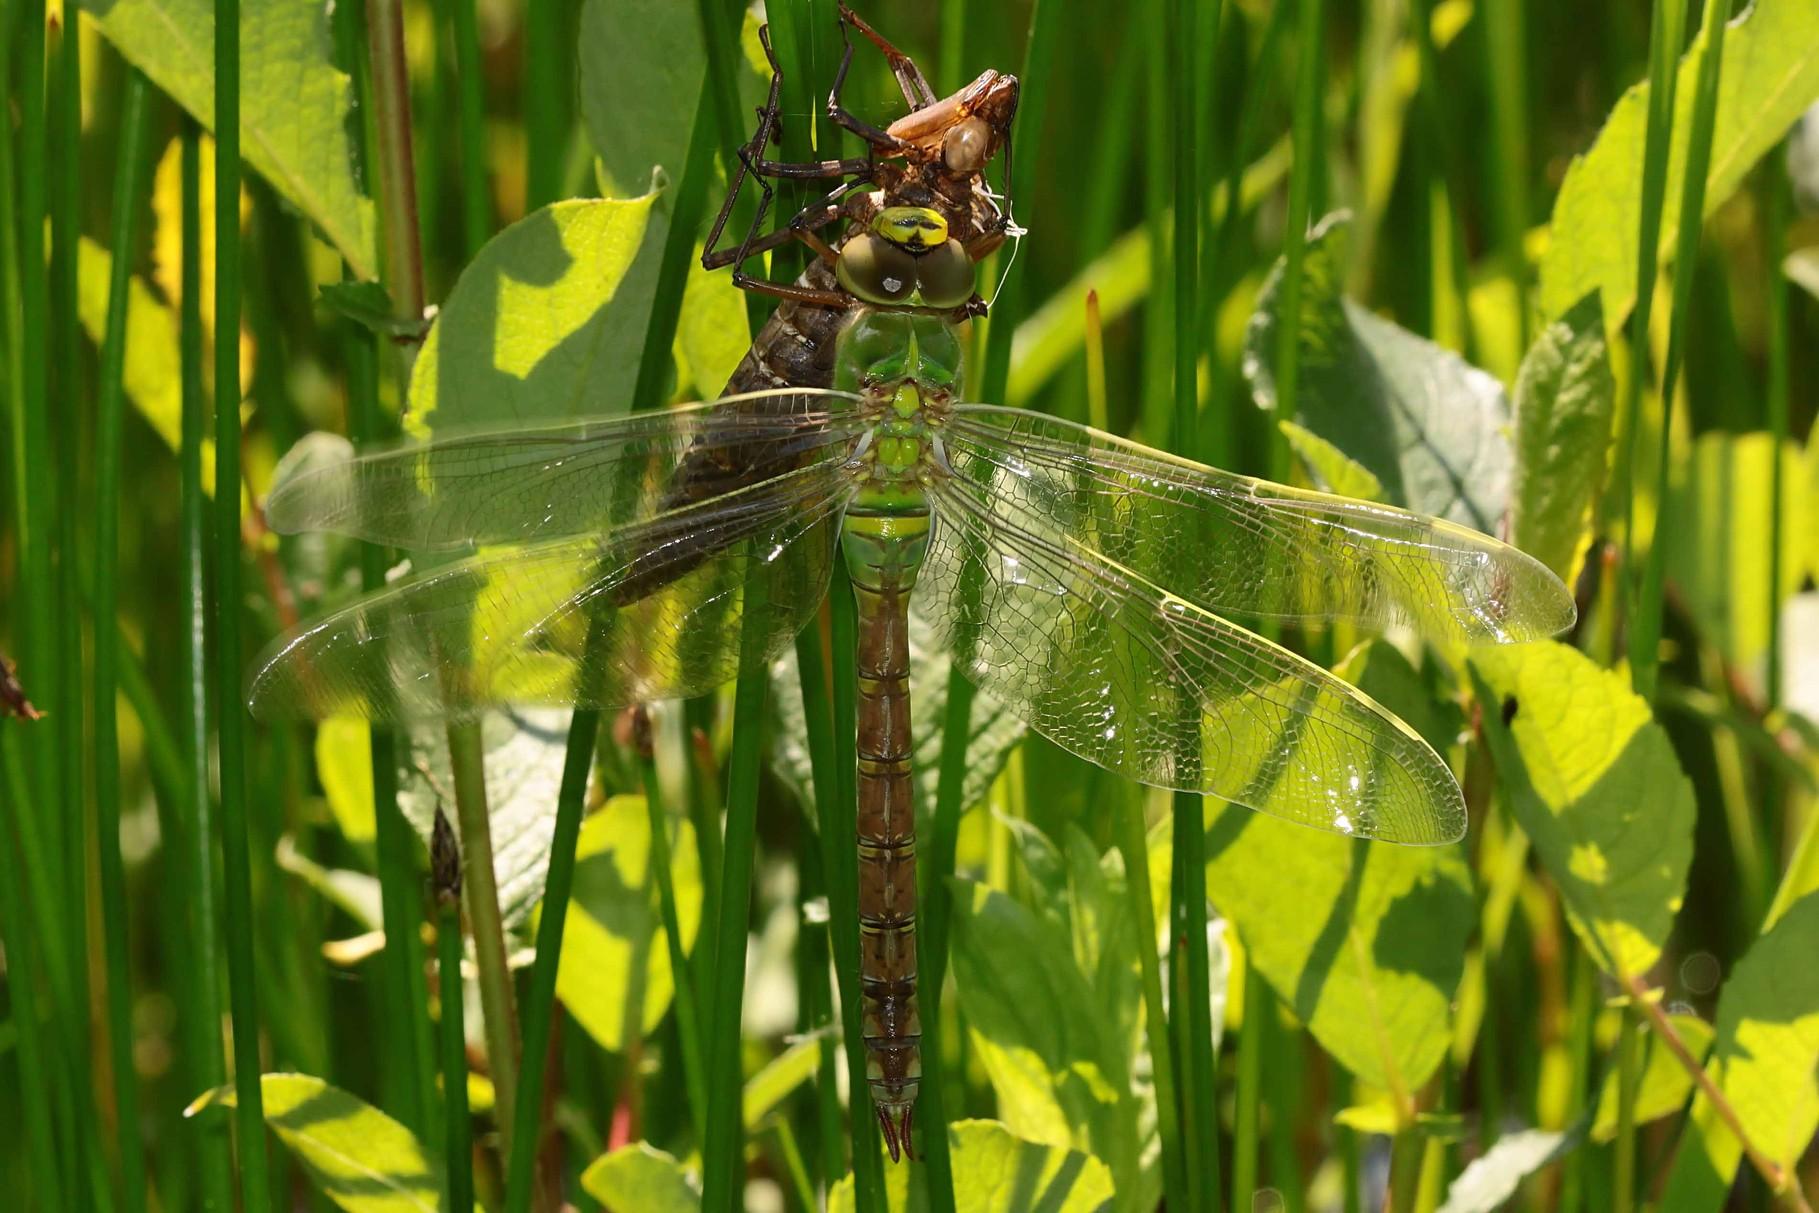 14.31 h: Die Flügel sind entfaltet, das Tier bereitet sich durch Zittern der Flügel auf den Jungfernflug vor.